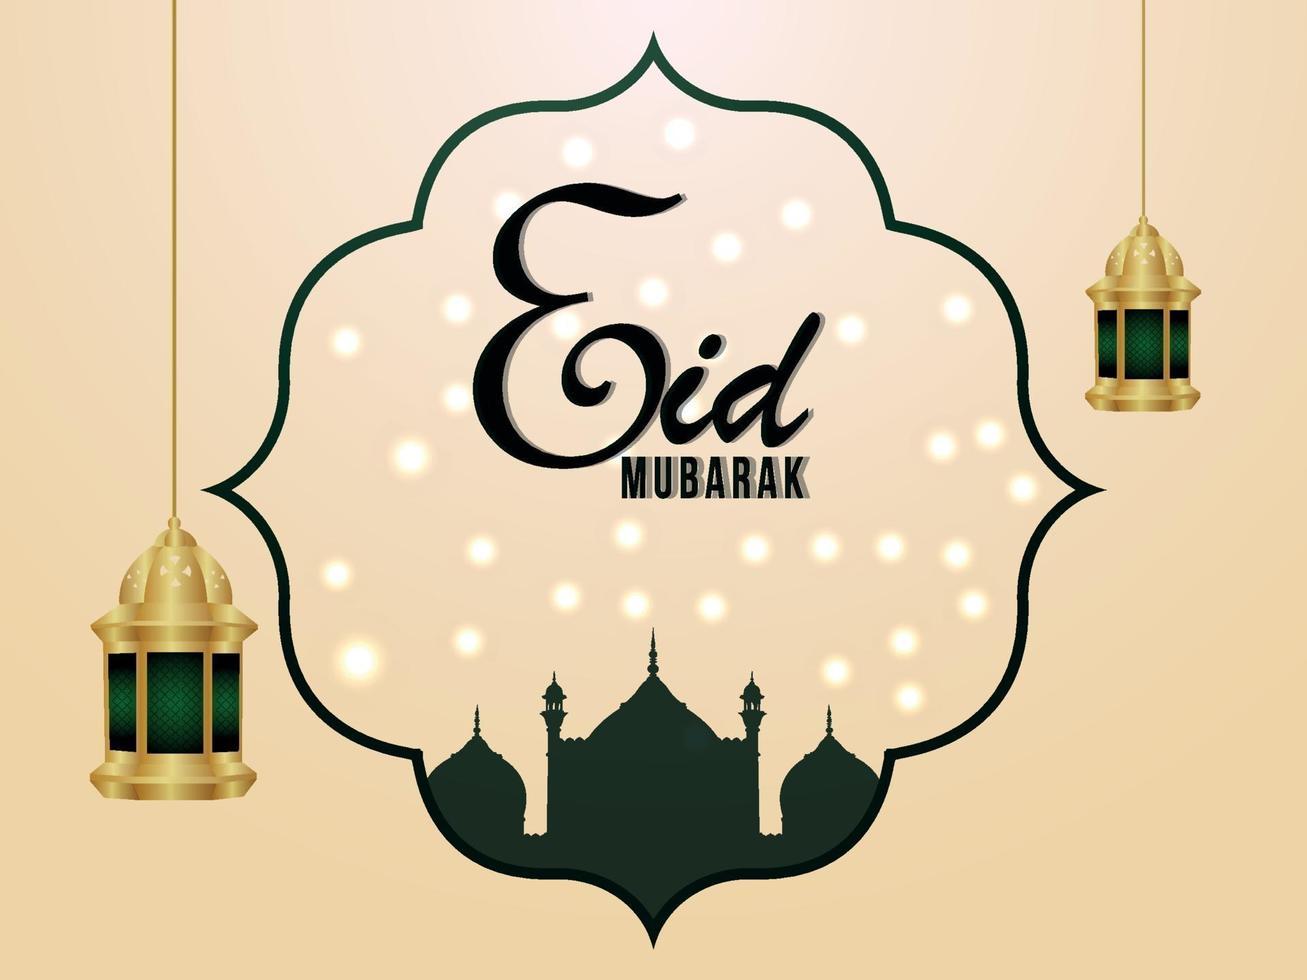 eid mubarak islamisk festival firande gratulationskort vektor